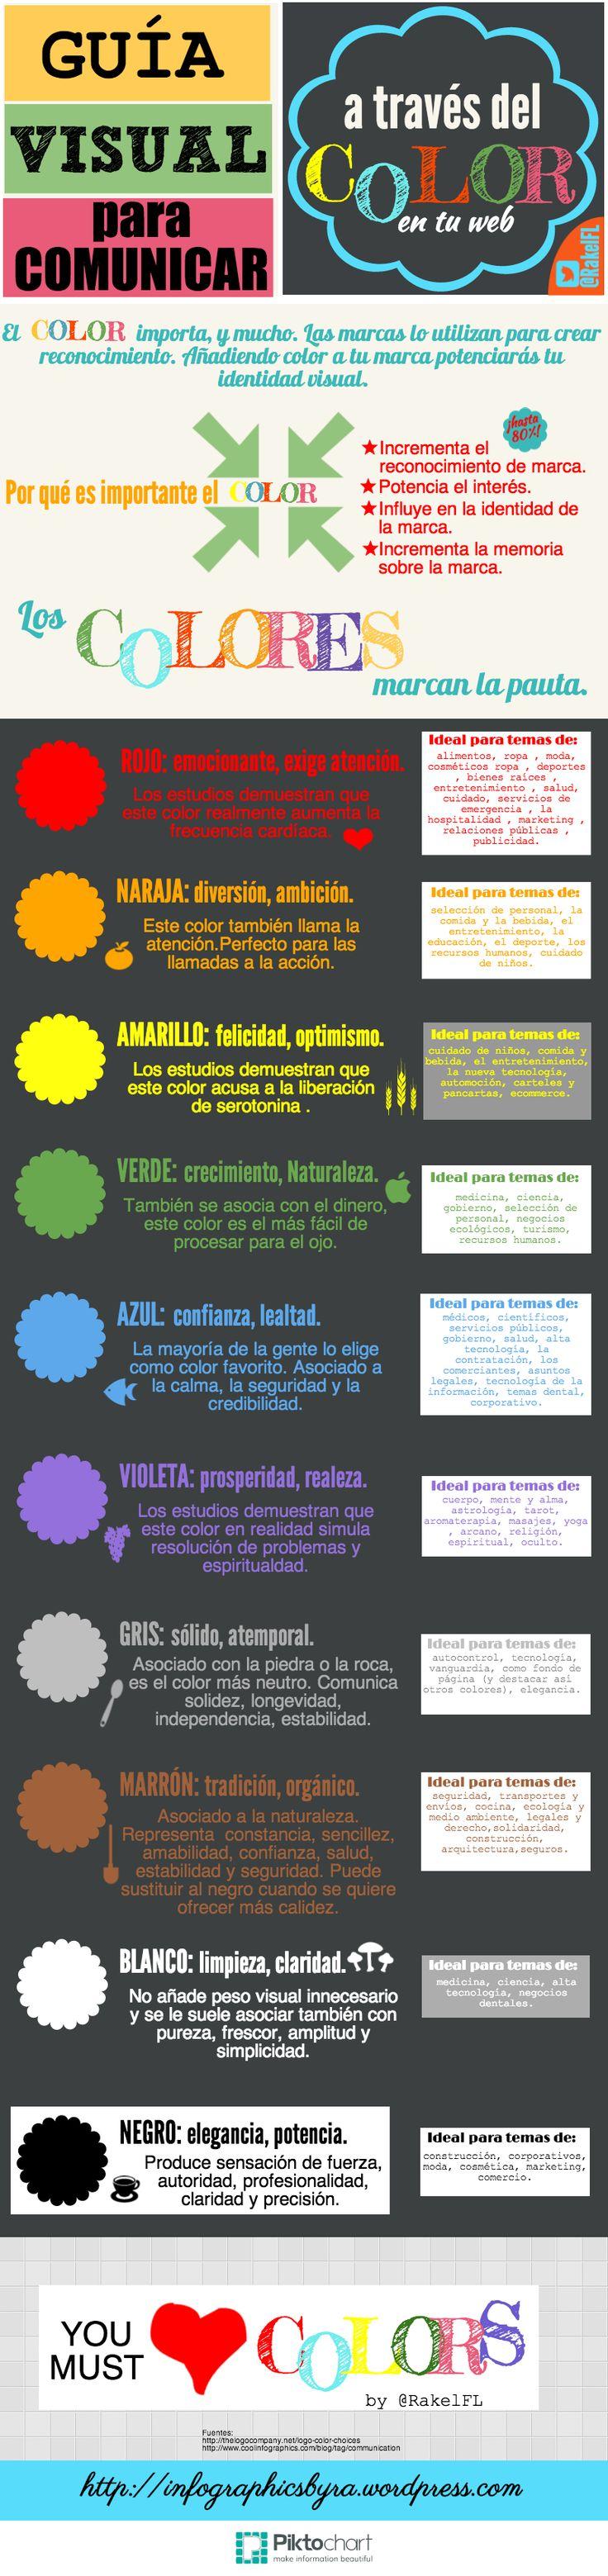 I ♡ colors! Los colores indican mucho más de lo que te imaginas en el diseño de tu web, logo o blog. Bien usado pueden aportar mucho a tus contenidos. Descúbre sus significados en esta infografía.…